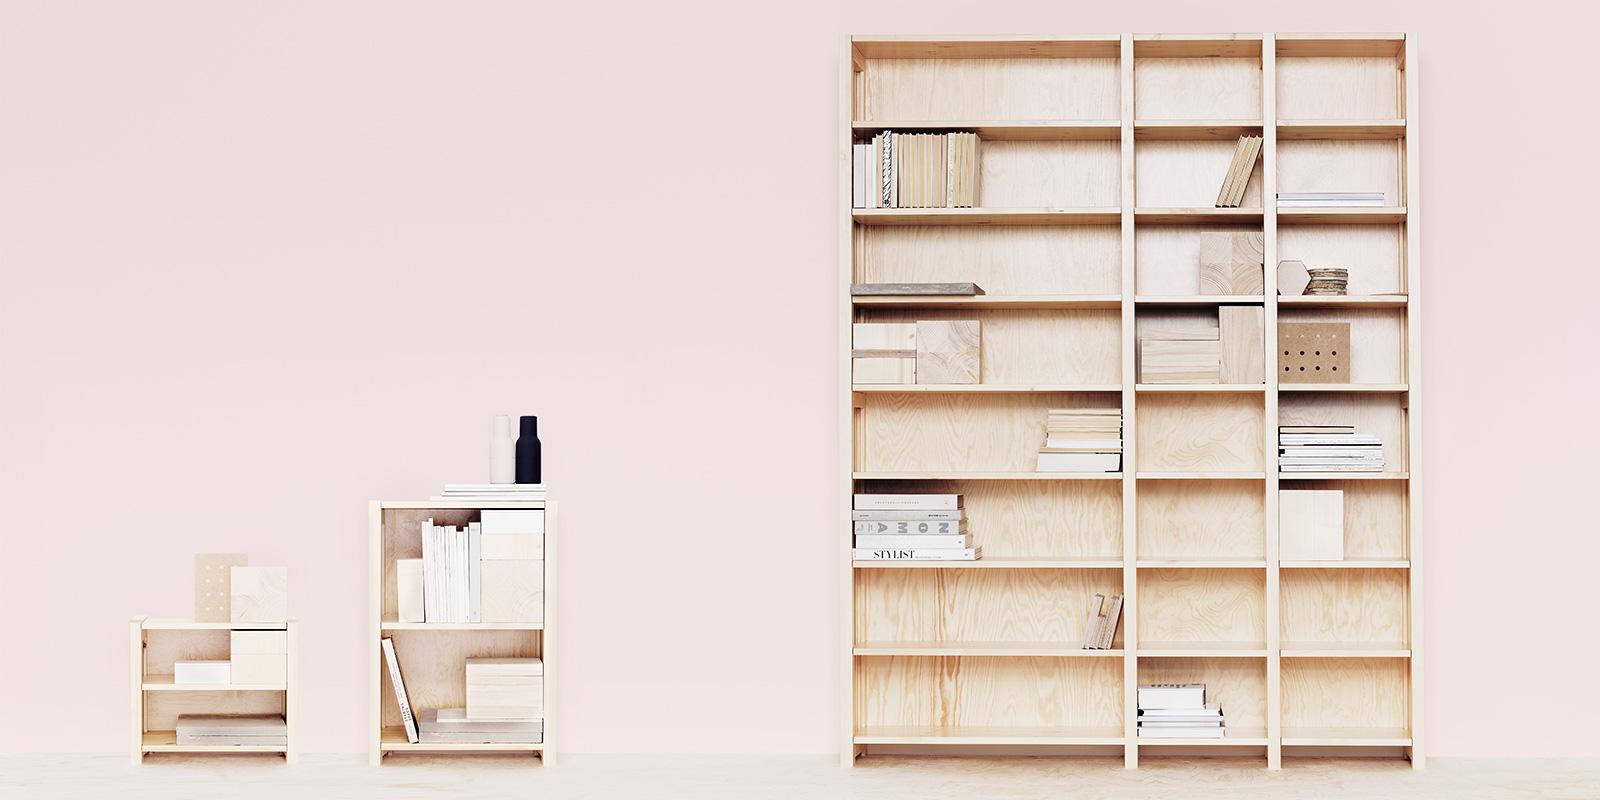 Дизайнерская мебель для офиса - деревянный стеллаж